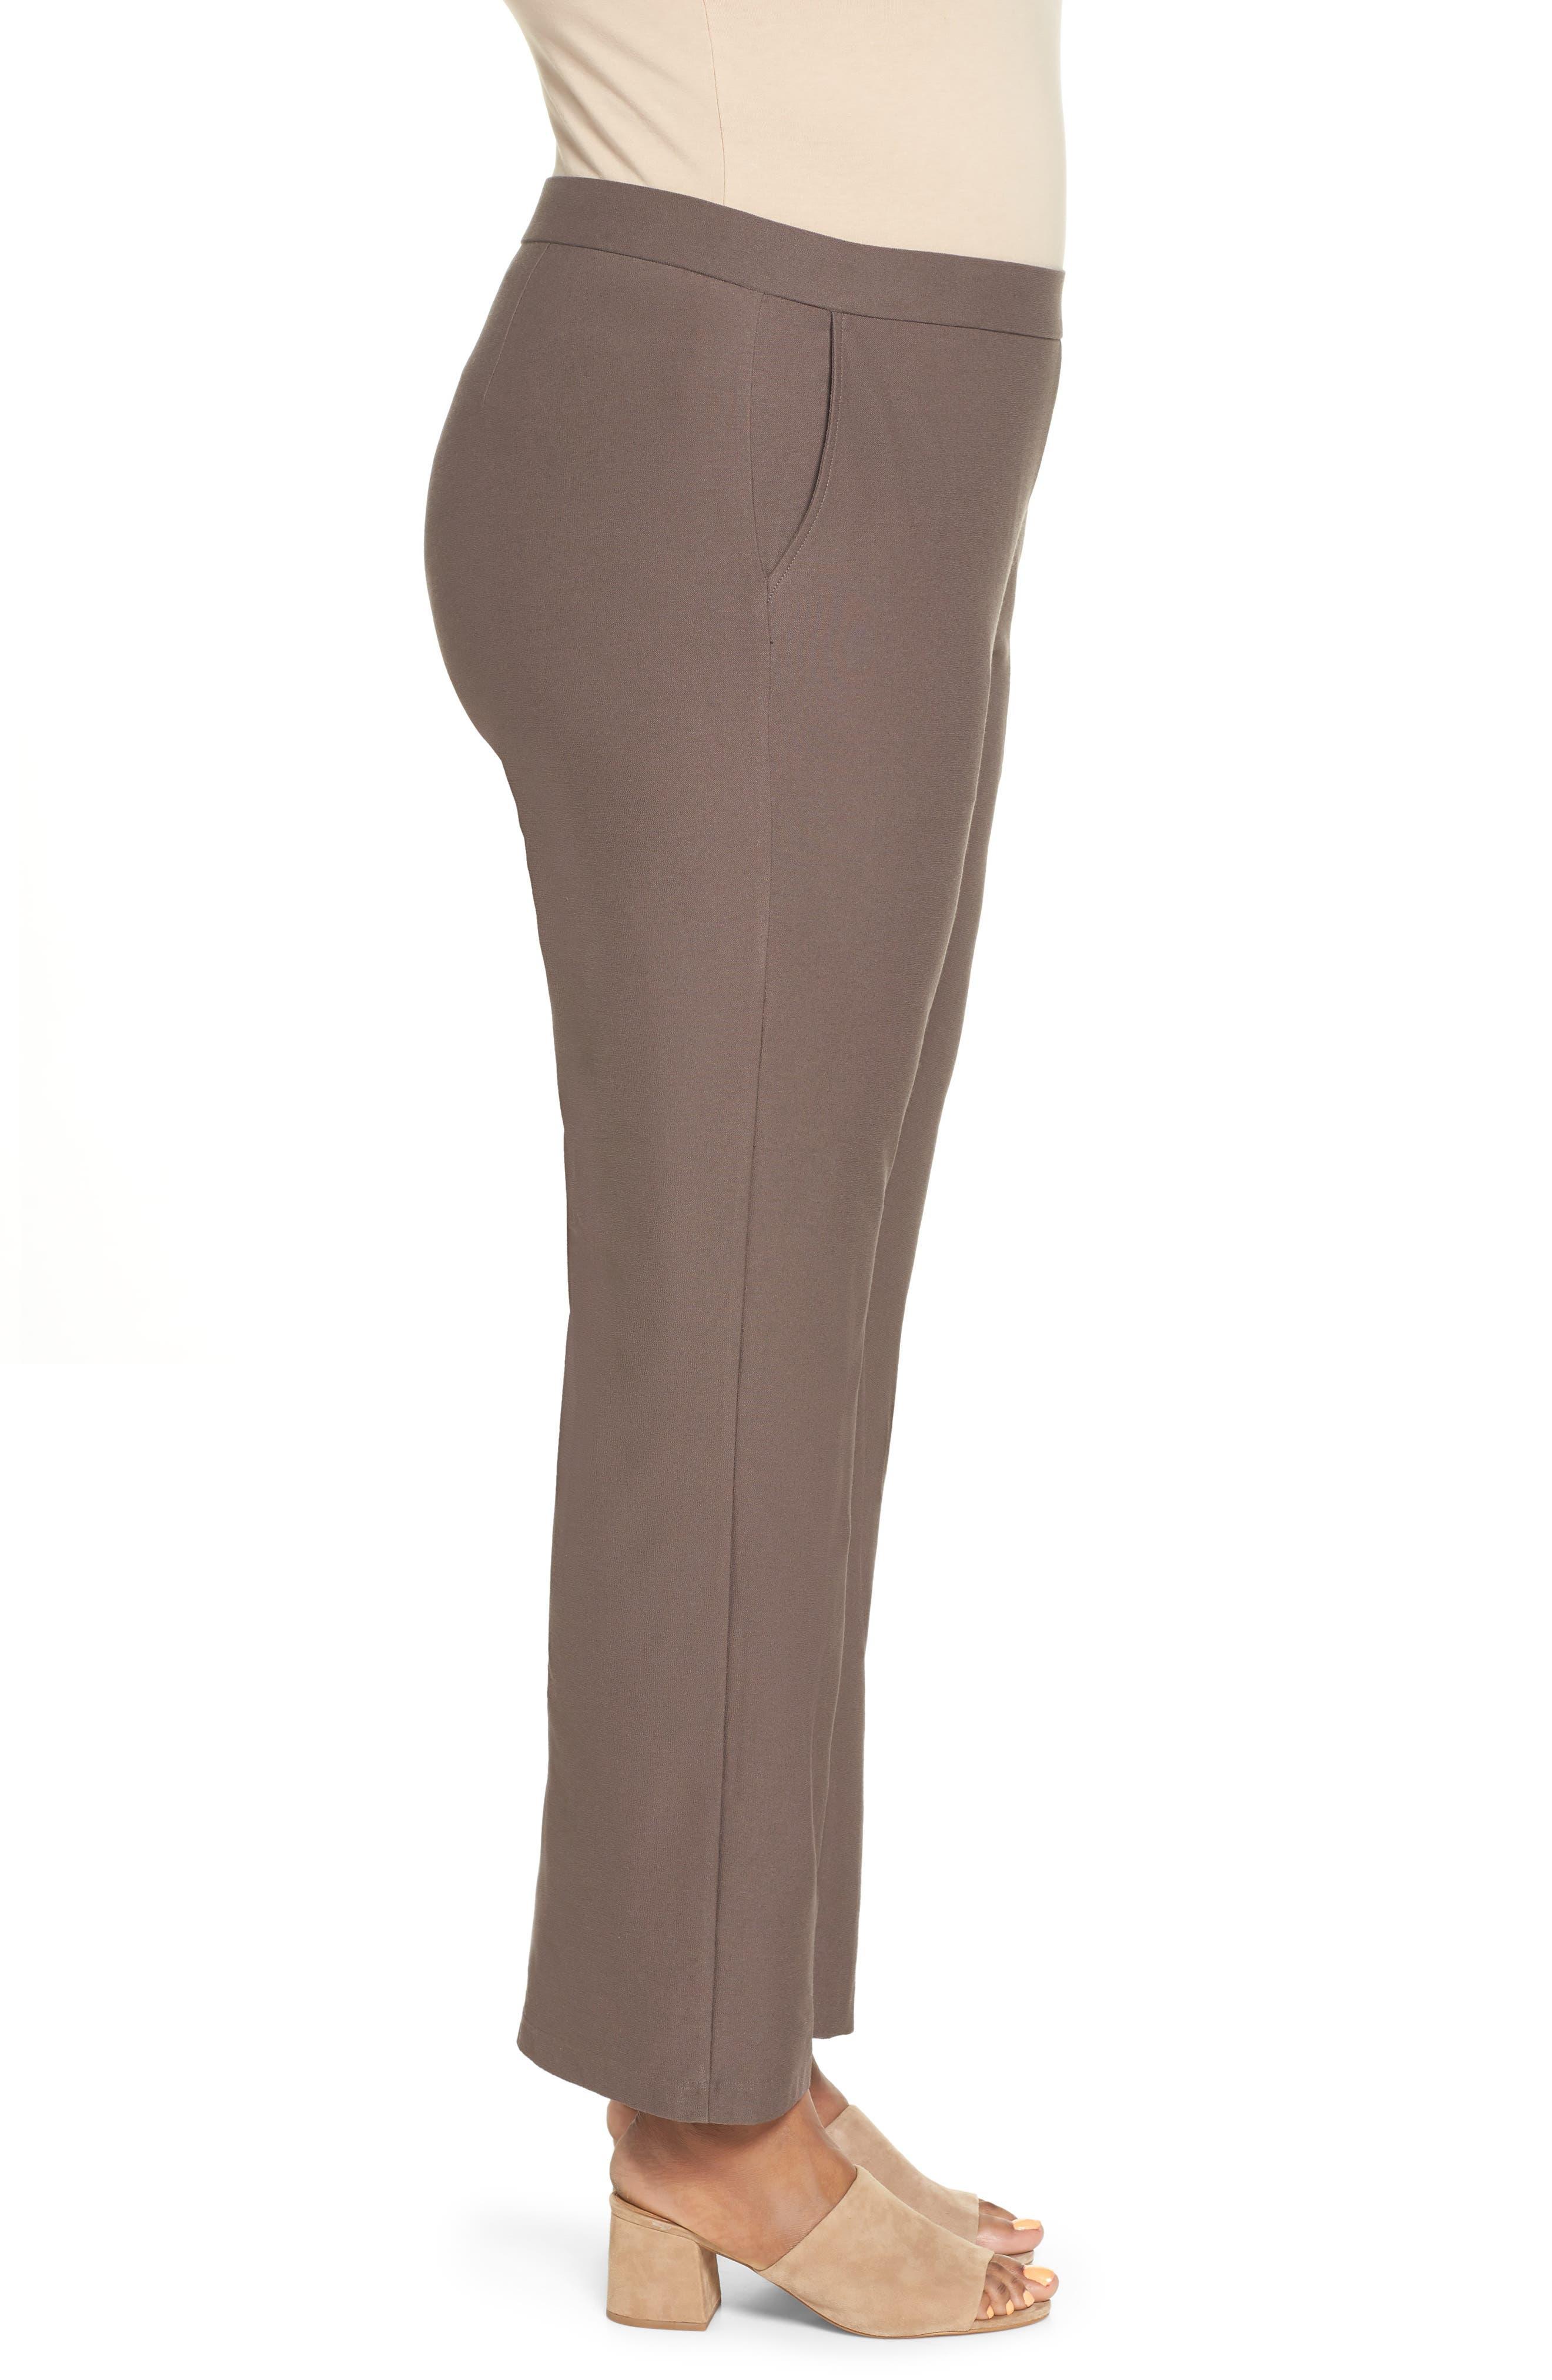 Straight Leg Knit Pants,                             Alternate thumbnail 3, color,                             273